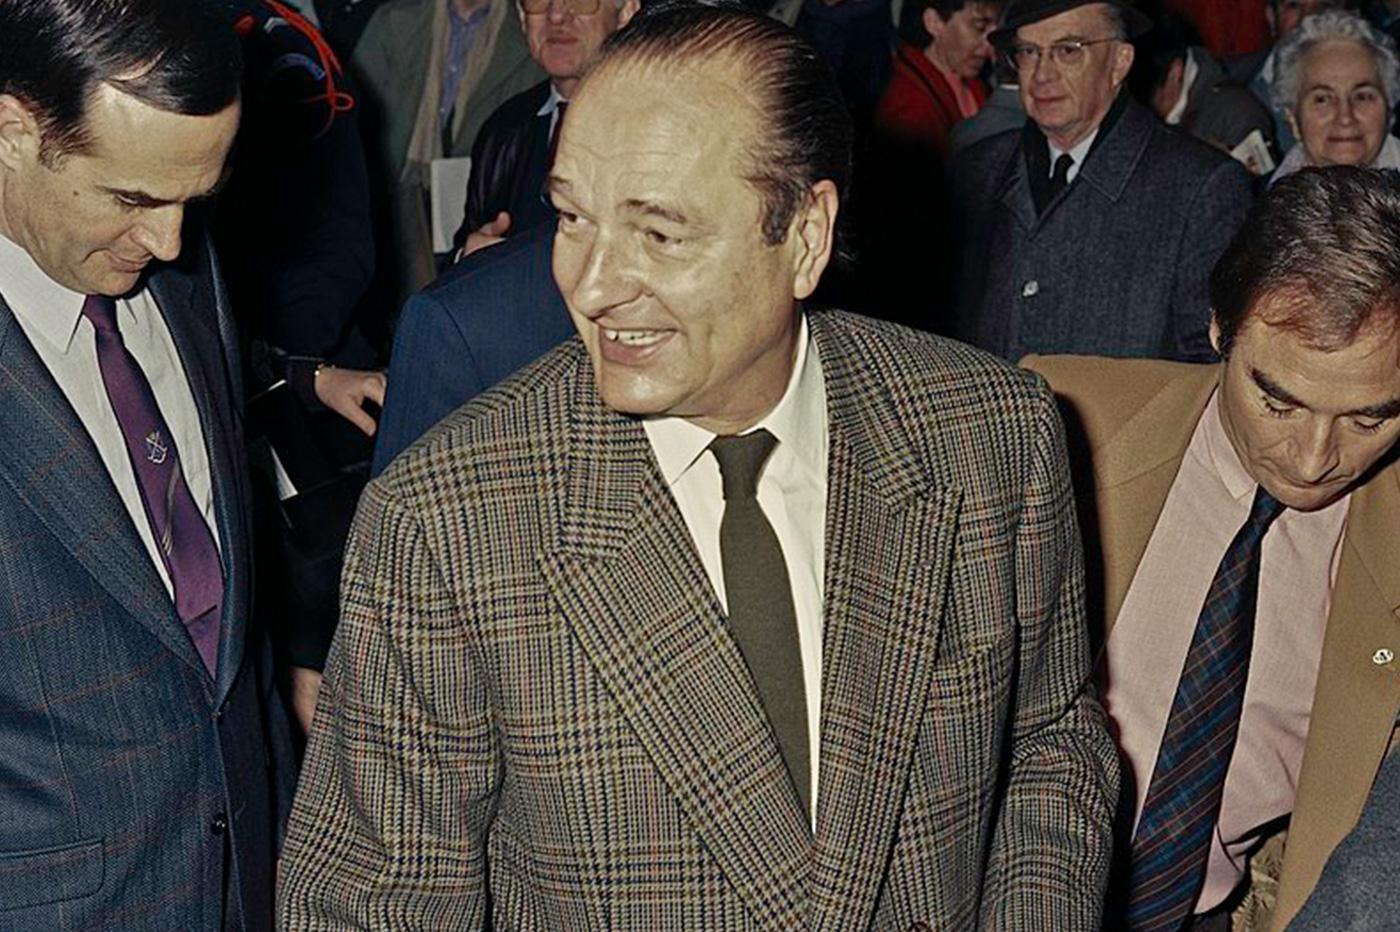 La famille de l'ancien président souhaite un hommage populaire dimanche — Jacques Chirac